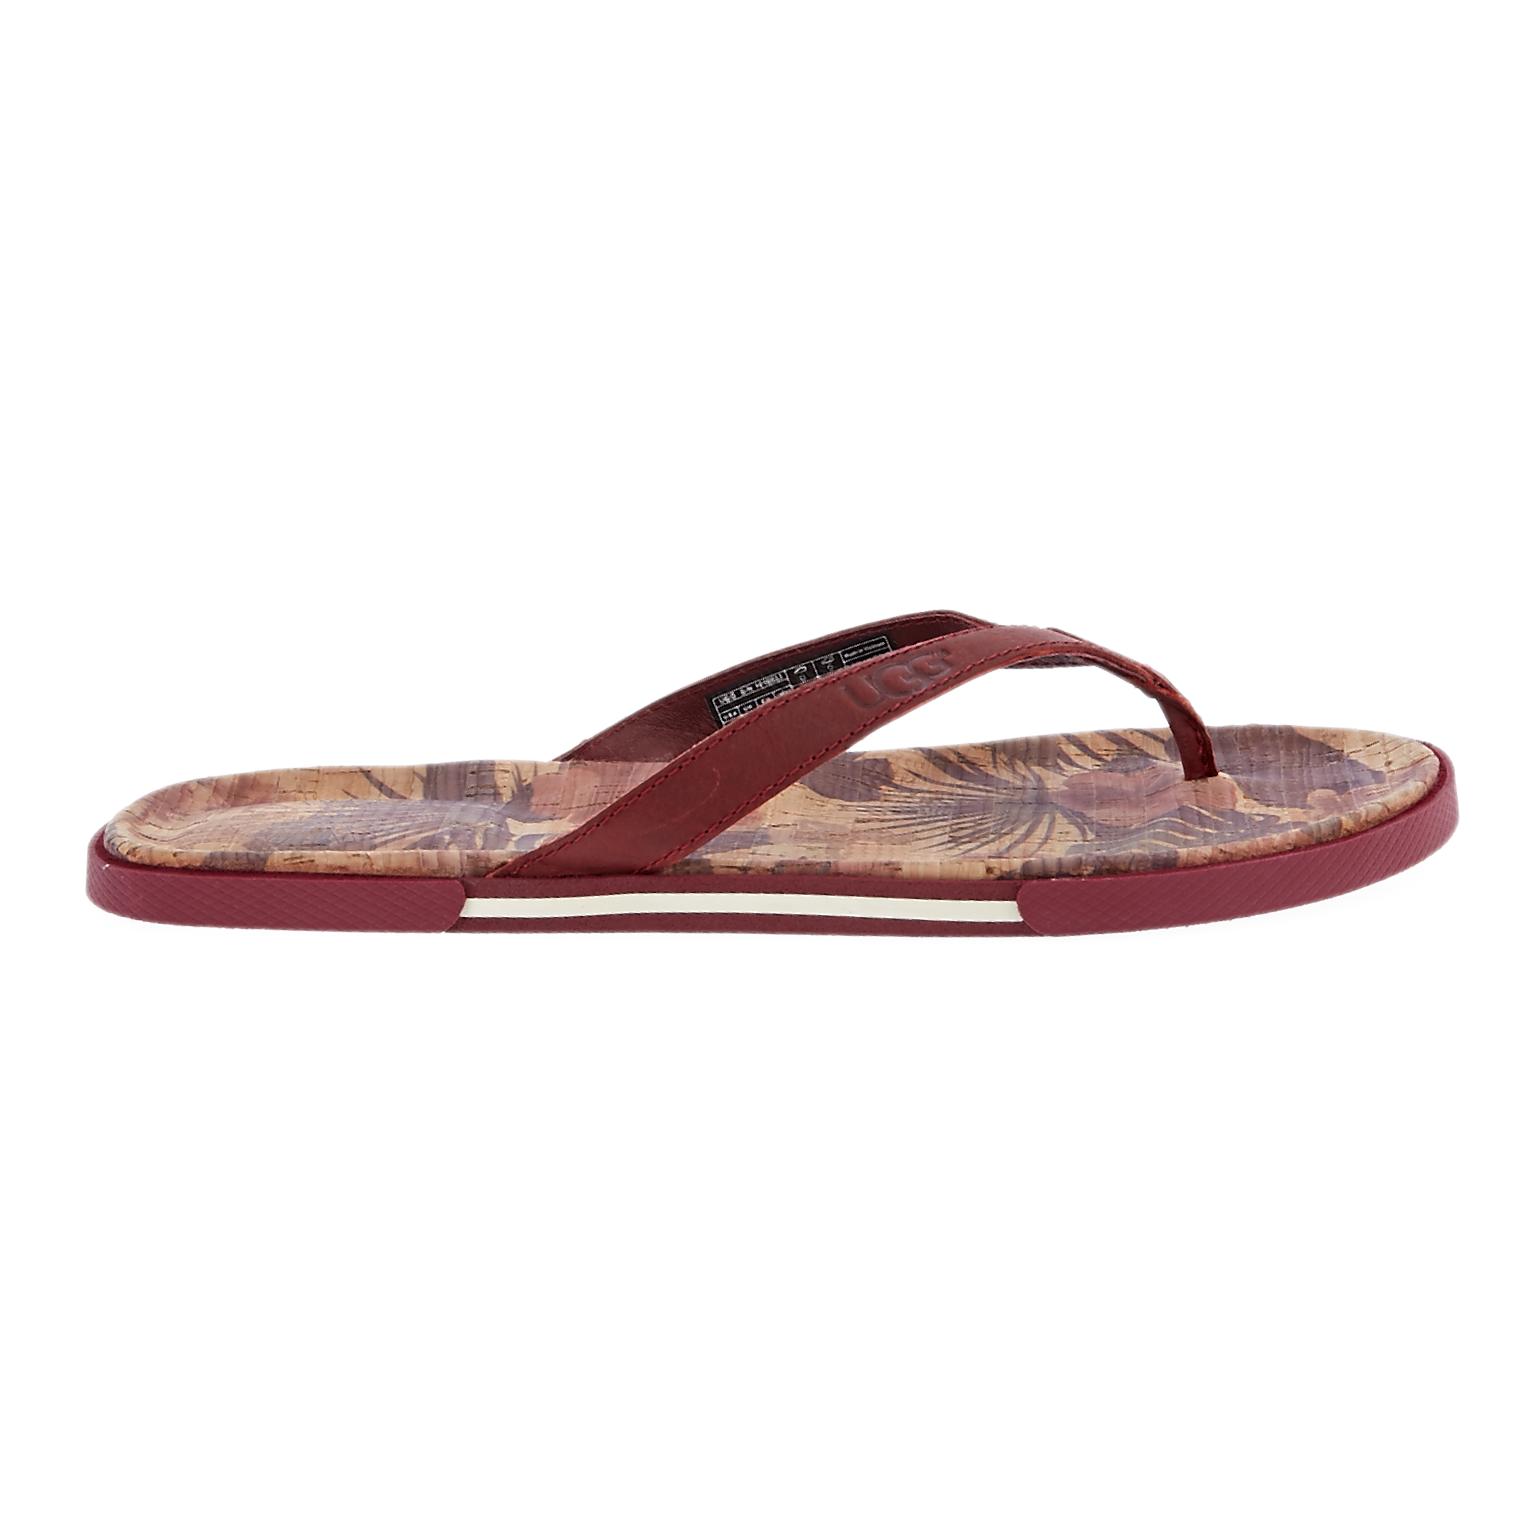 UGG AUSTRALIA - Ανδρικές σαγιονάρες UGG BENNISON II HAWAIIAN καφέ ανδρικά παπούτσια σαγιονάρες